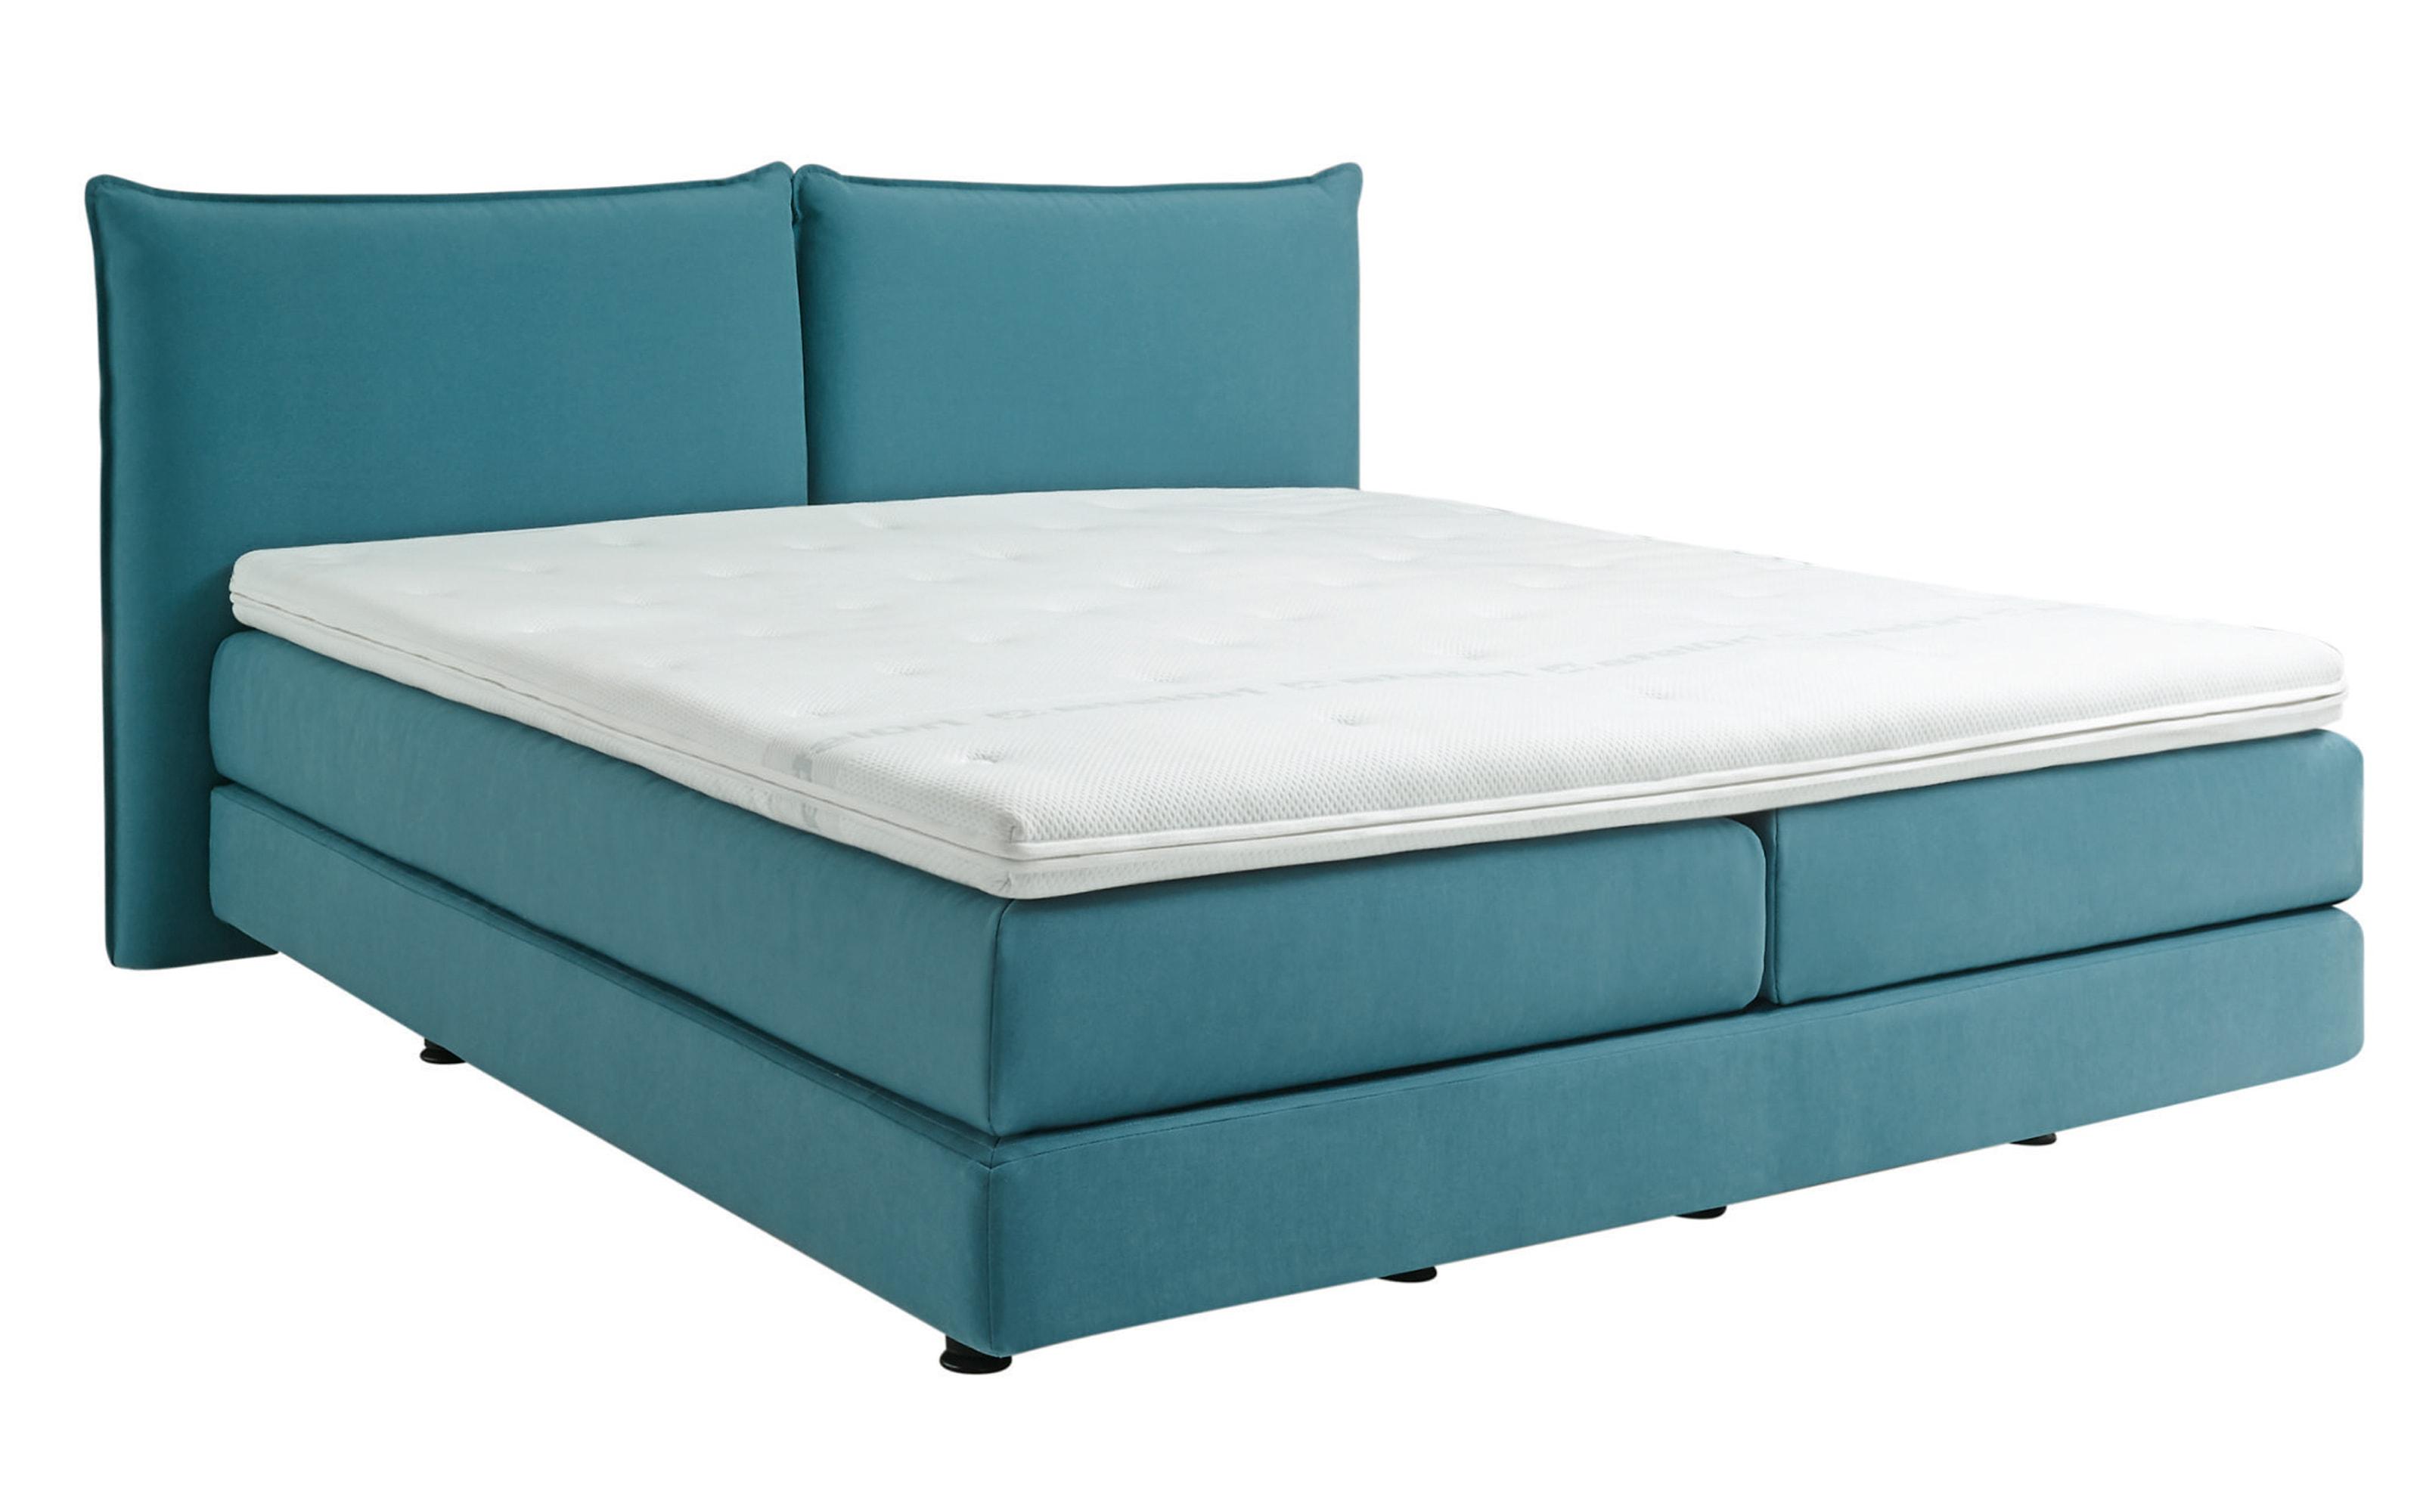 Boxspringbett in blau, 7-Zonen Tonnentaschenfederkern, Liegefläche ca. 180 x 200 cm